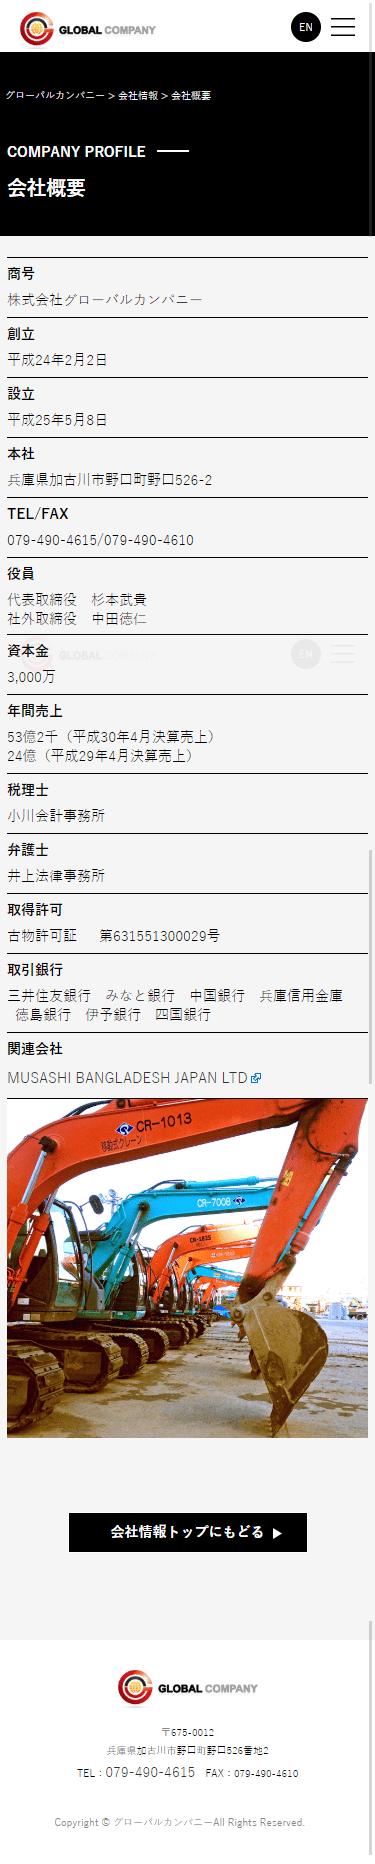 加古川市 株式会社グローバルカンパニー様 ホームページ制作4